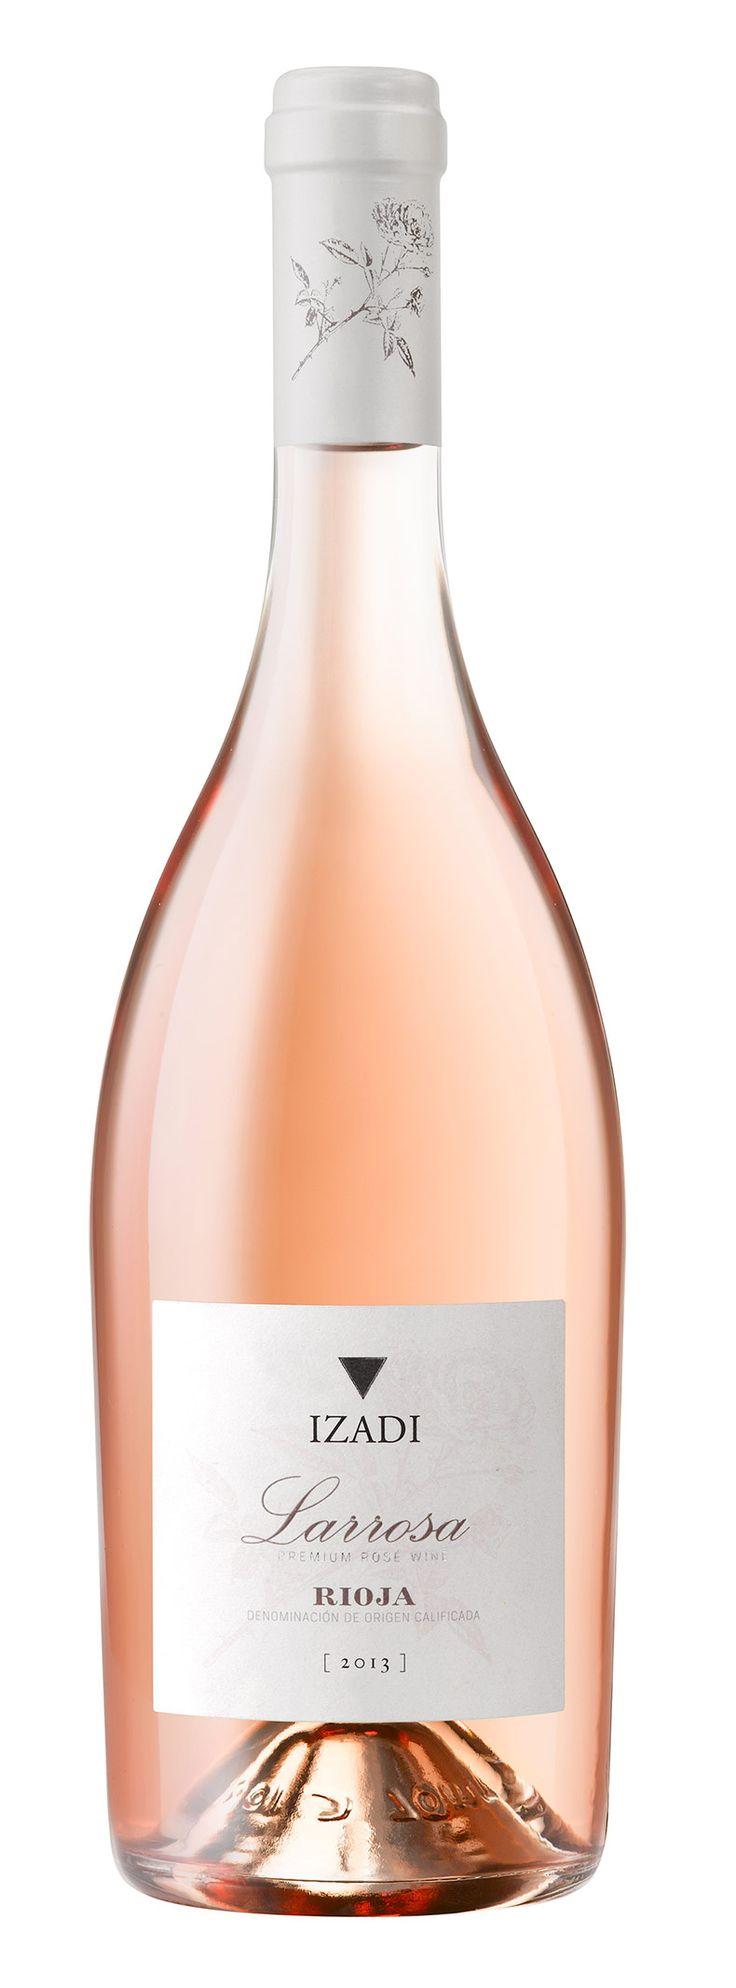 Bodegas Izadi entra en el mundo de los rosados de la mano de Larrosa, un vino único para el que se ha utilizado uva 100% garnacha de cepas viejas plantadas a casi 790 metros de altitud, quizá, uno de los viñedos más altos de la D.O.Ca. Rioja.  #taninotanino #vinosmaximum